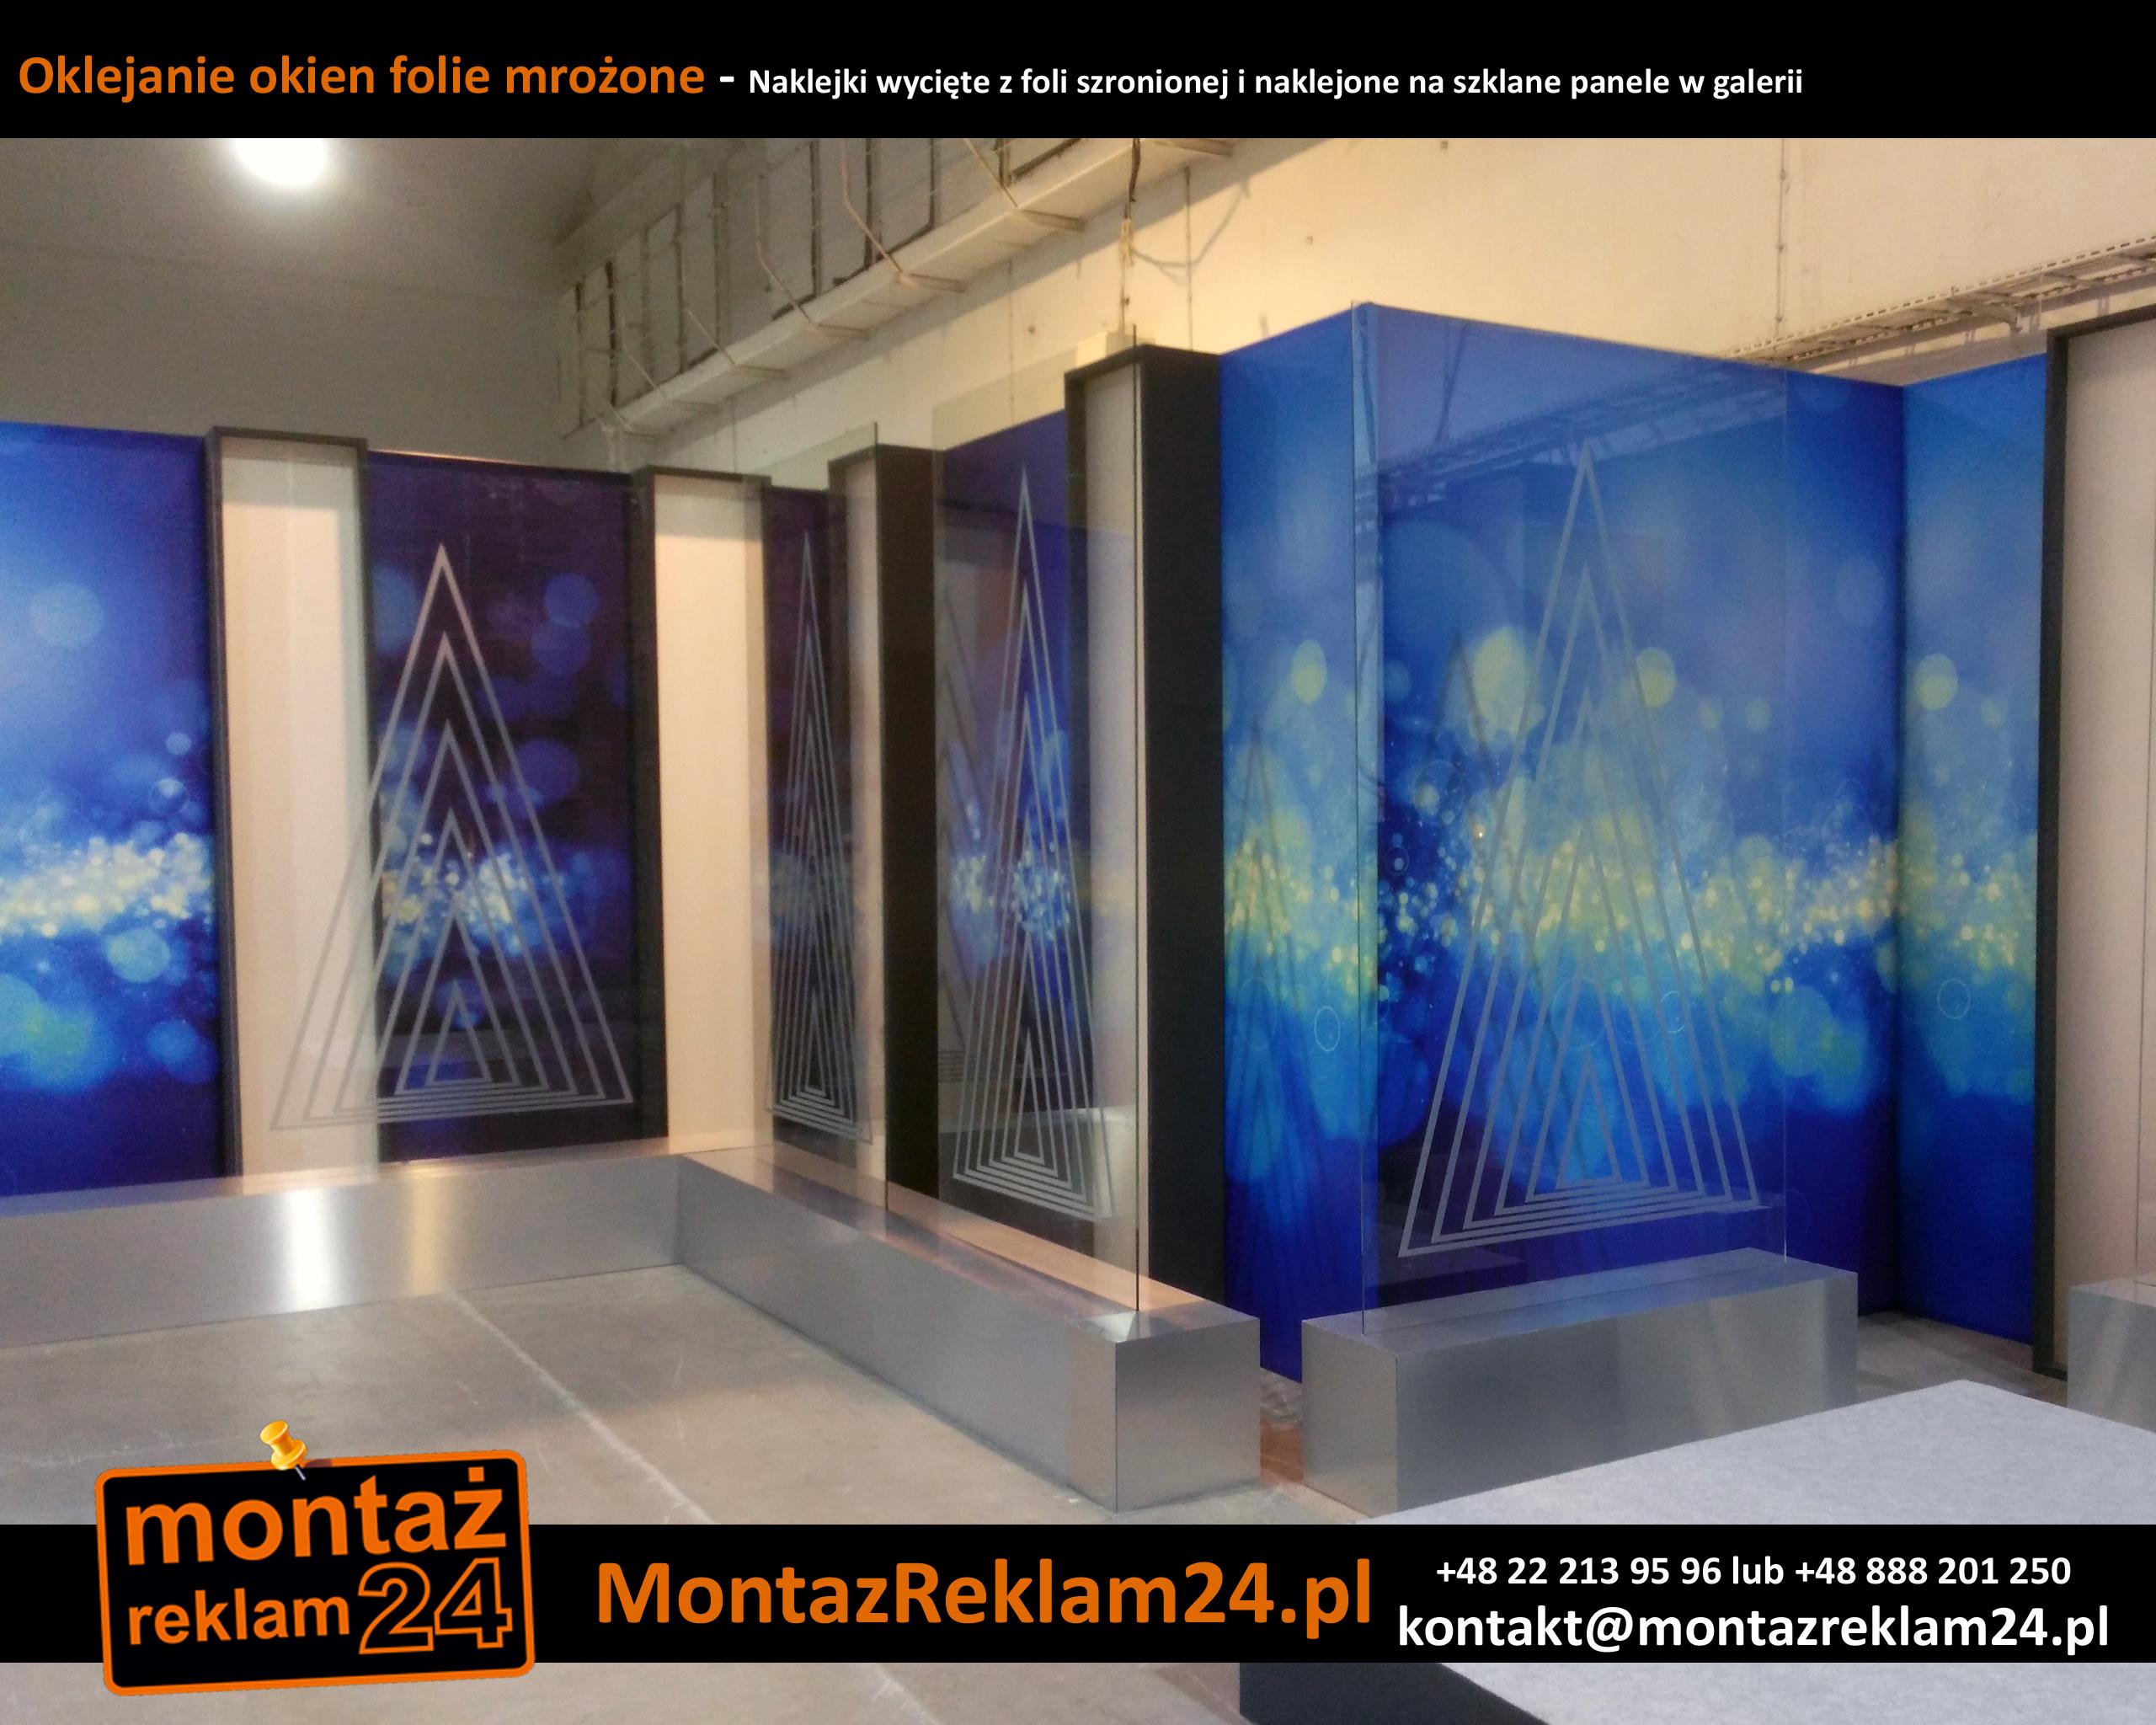 Oklejanie okien folie mrożone - Naklejki wycięte z foli szronionej i naklejone na szklane panele w galerii.jpg